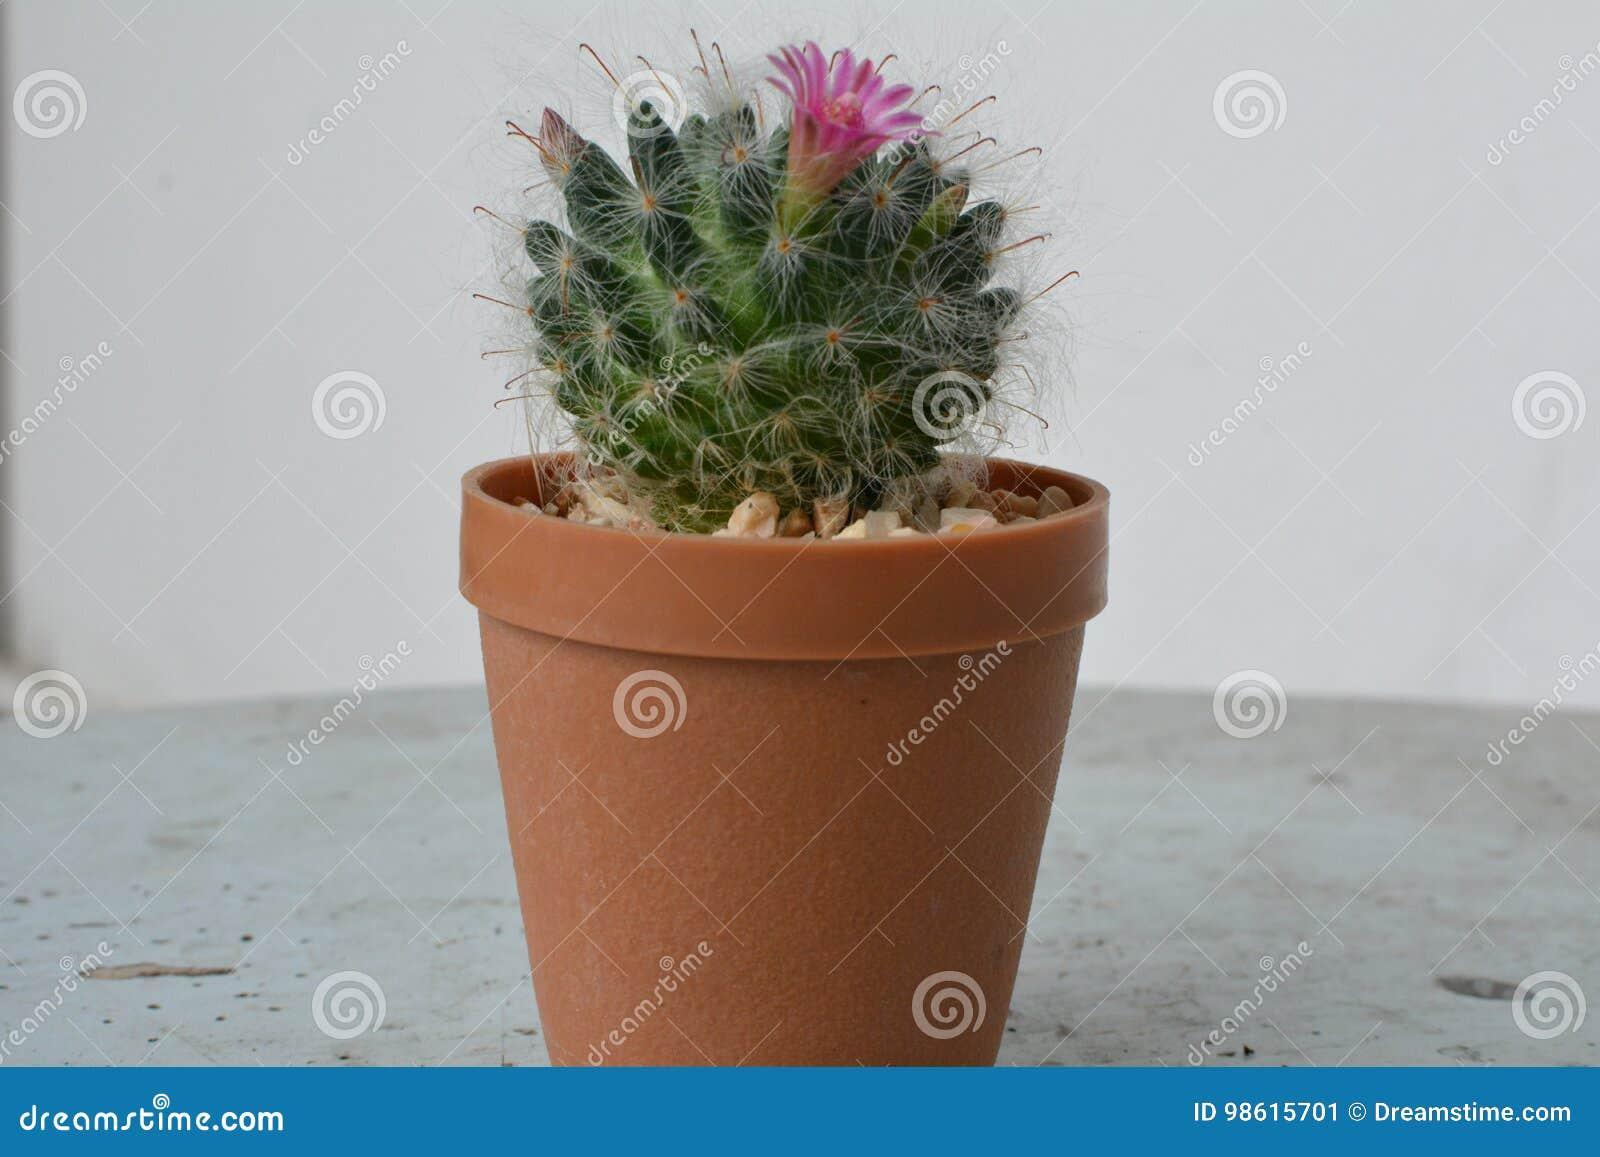 Kaktusblühen schön und angenehm